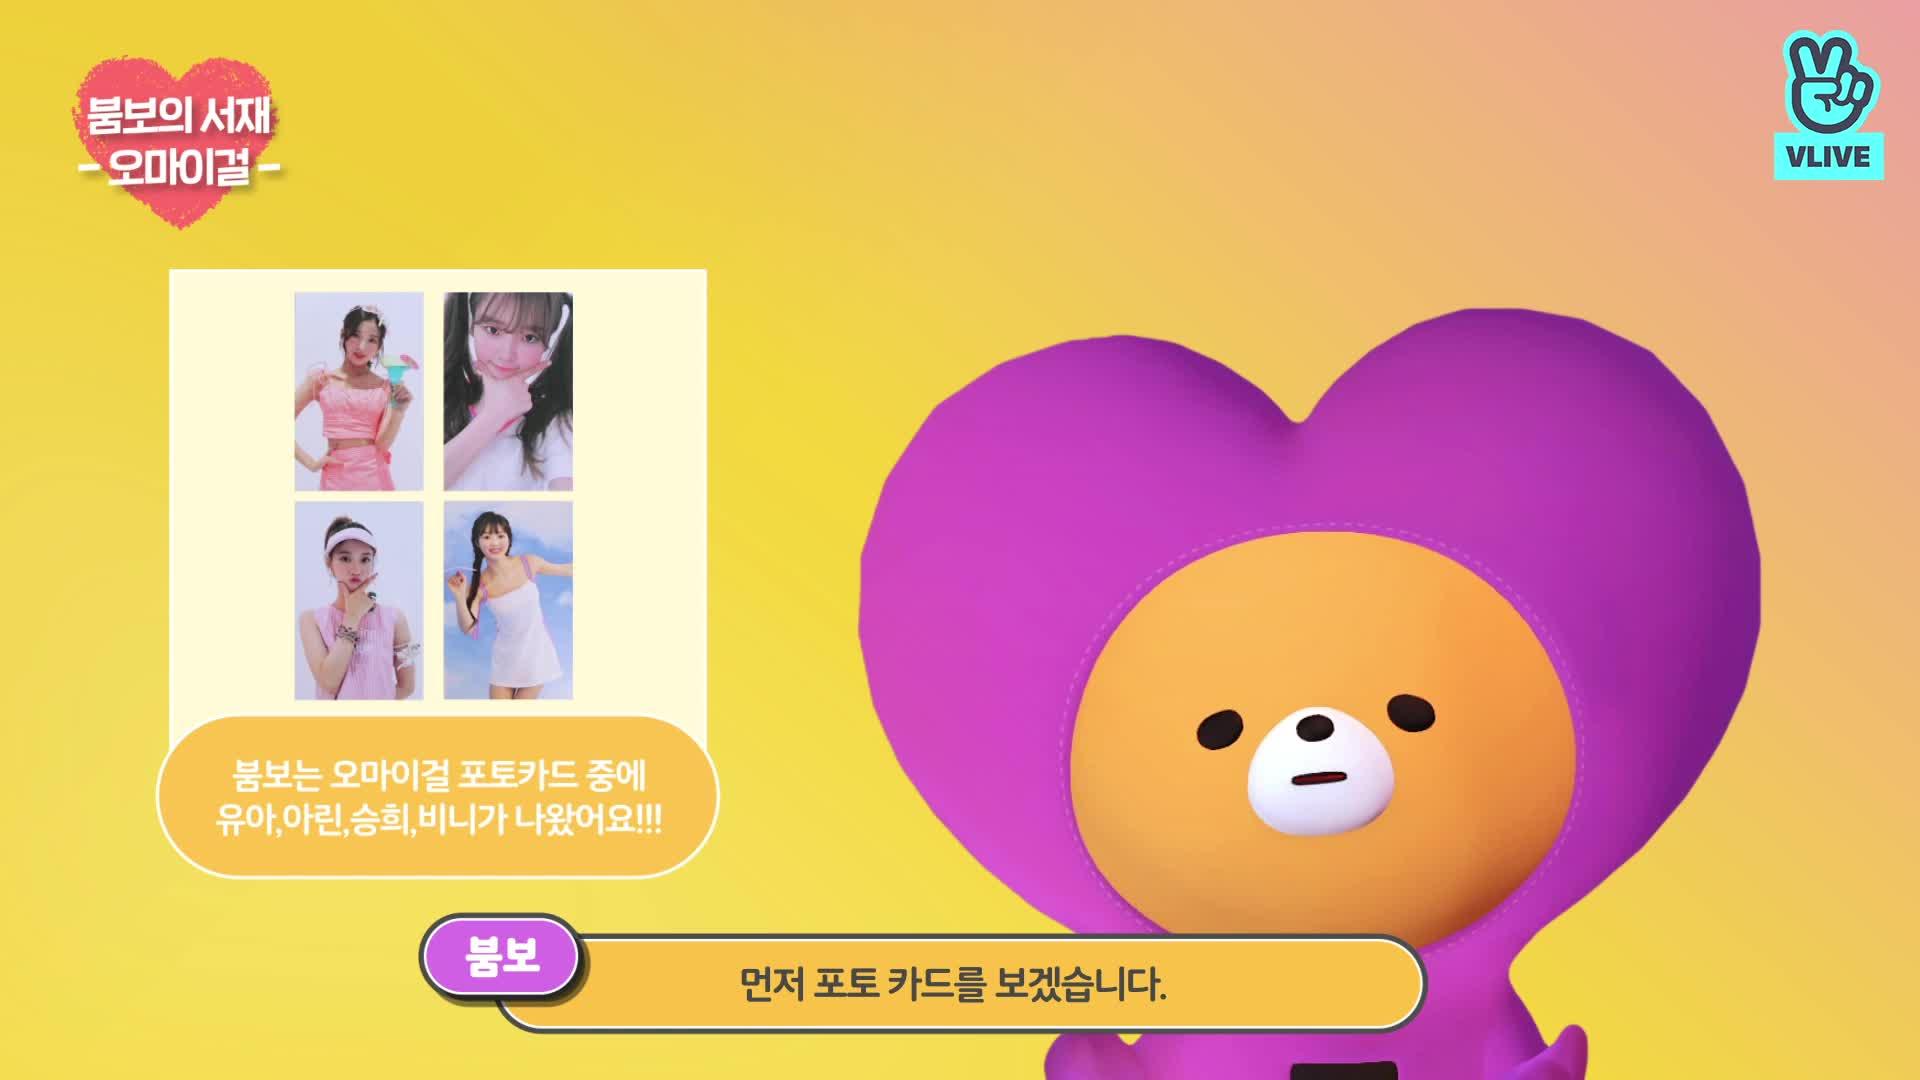 [V CREW] 붐보의 서재 - EP. 01 오마이걸 썸머 패키지 앨범 <FALL IN LOVE> 언박싱! (오마이걸 내 맘속에 번지..🤭💜)